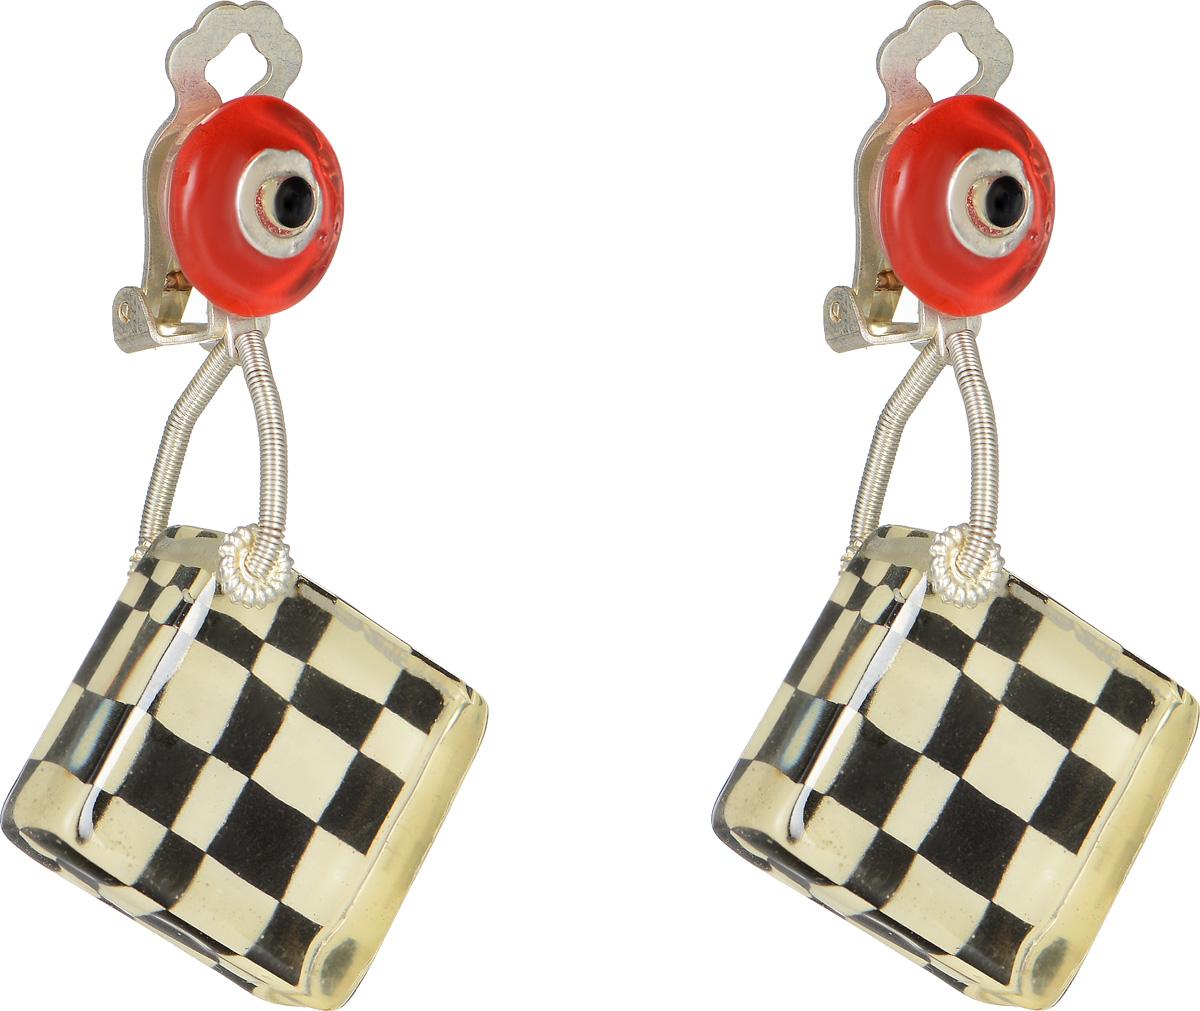 Клипсы Lalo Treasures Row цвет: черный, белый, красный. E3510-3E3510-3Оригинальные серьги Lalo Treasures Row изготовлены из металлического сплава, дополнены декоративными элементами из ювелирной смолы. Изделие оснащено клипсой, которая надежно зафиксирует серьги. Стильные серьги не оставят равнодушной ни одну любительницу изысканных украшений и помогут создать собственный неповторимый образ.